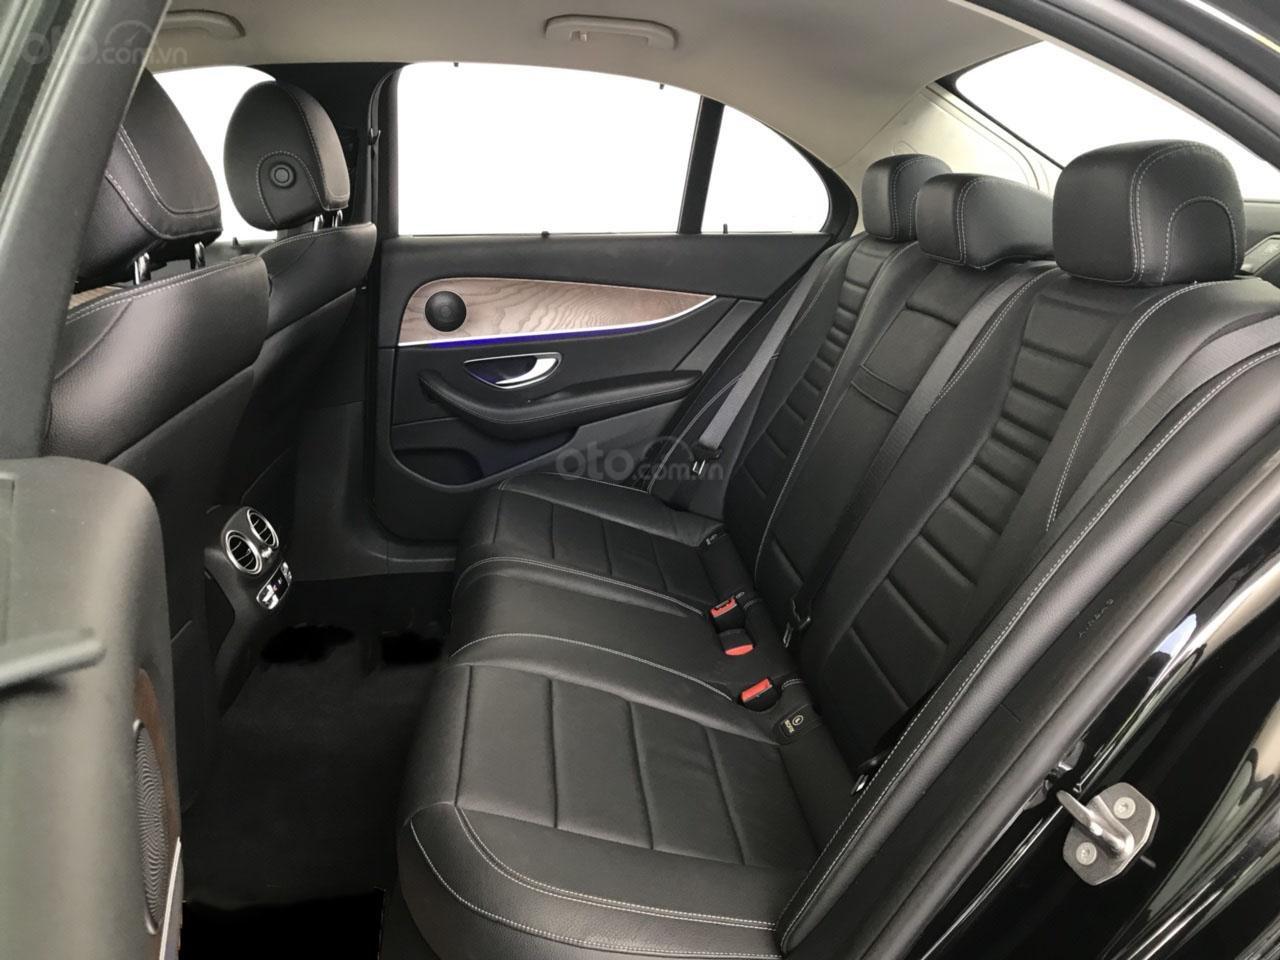 Bán Mercedes E200 2017, màu đen, 35.000 km, xe cũ chính hãng (6)